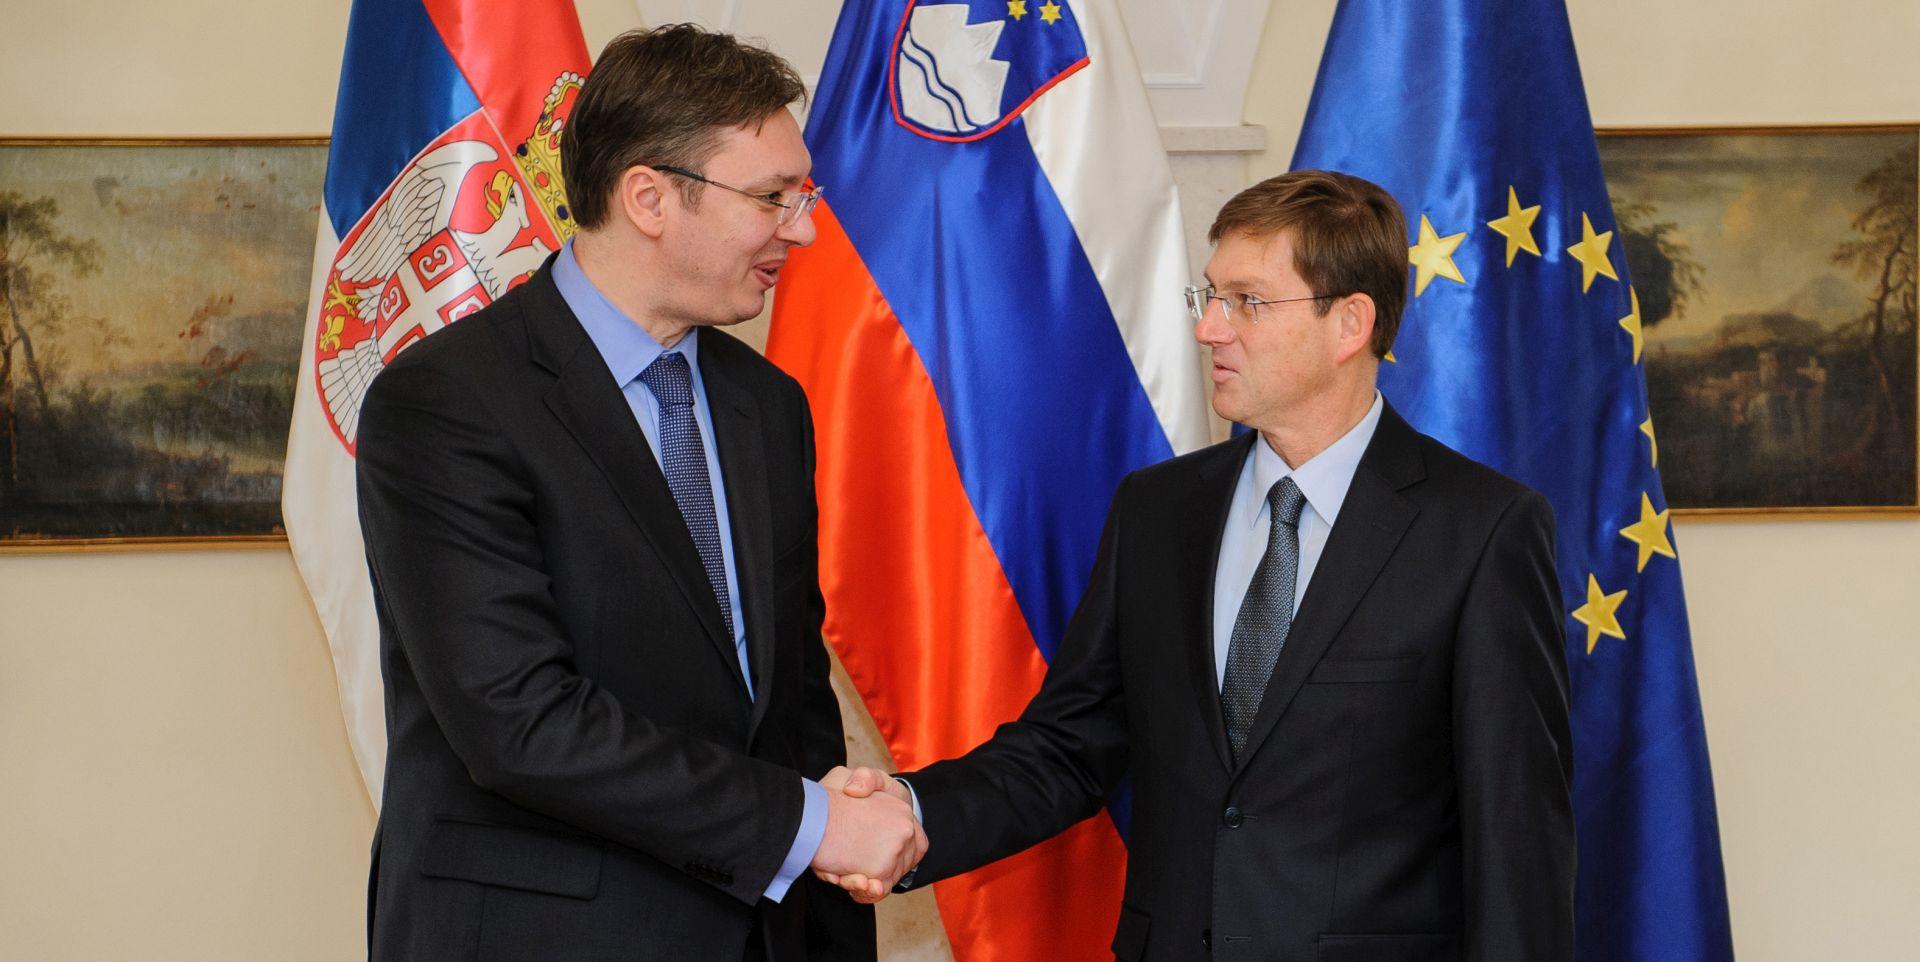 BEOGRAD u ponedjeljak zajednička sjednica vlada Srbije i Slovenije